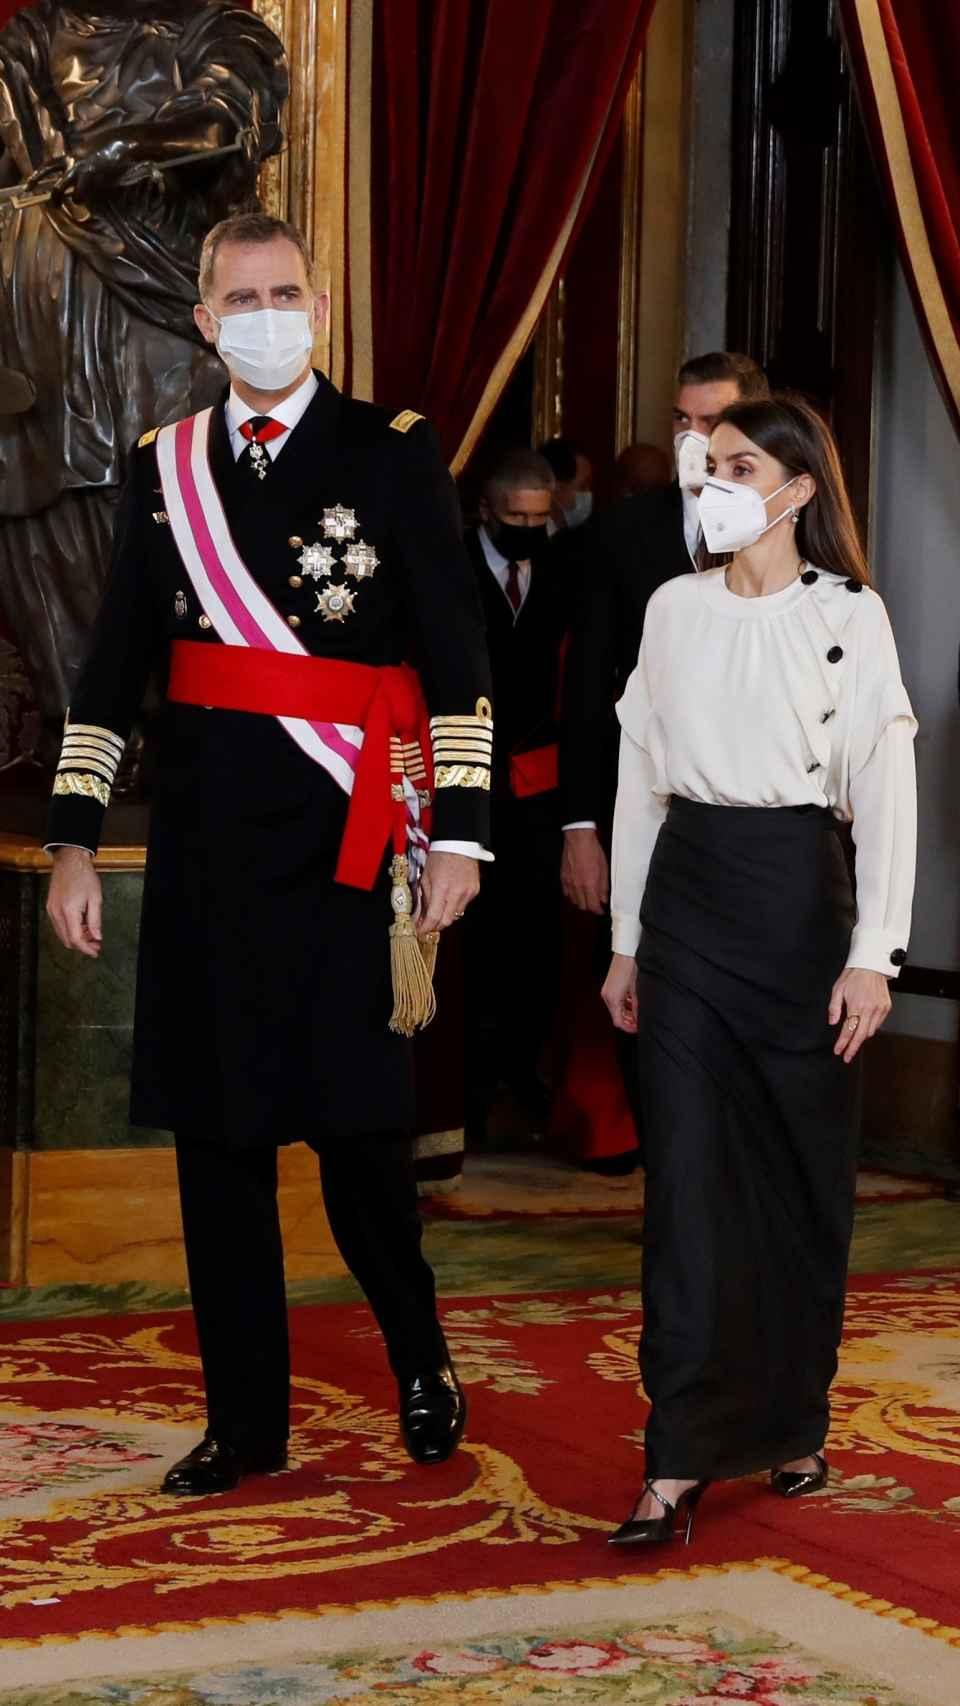 Los reyes Felipe VI y Letizia presidiendo la Pascua Militar en el Palacio Real el pasado 6 de enero.